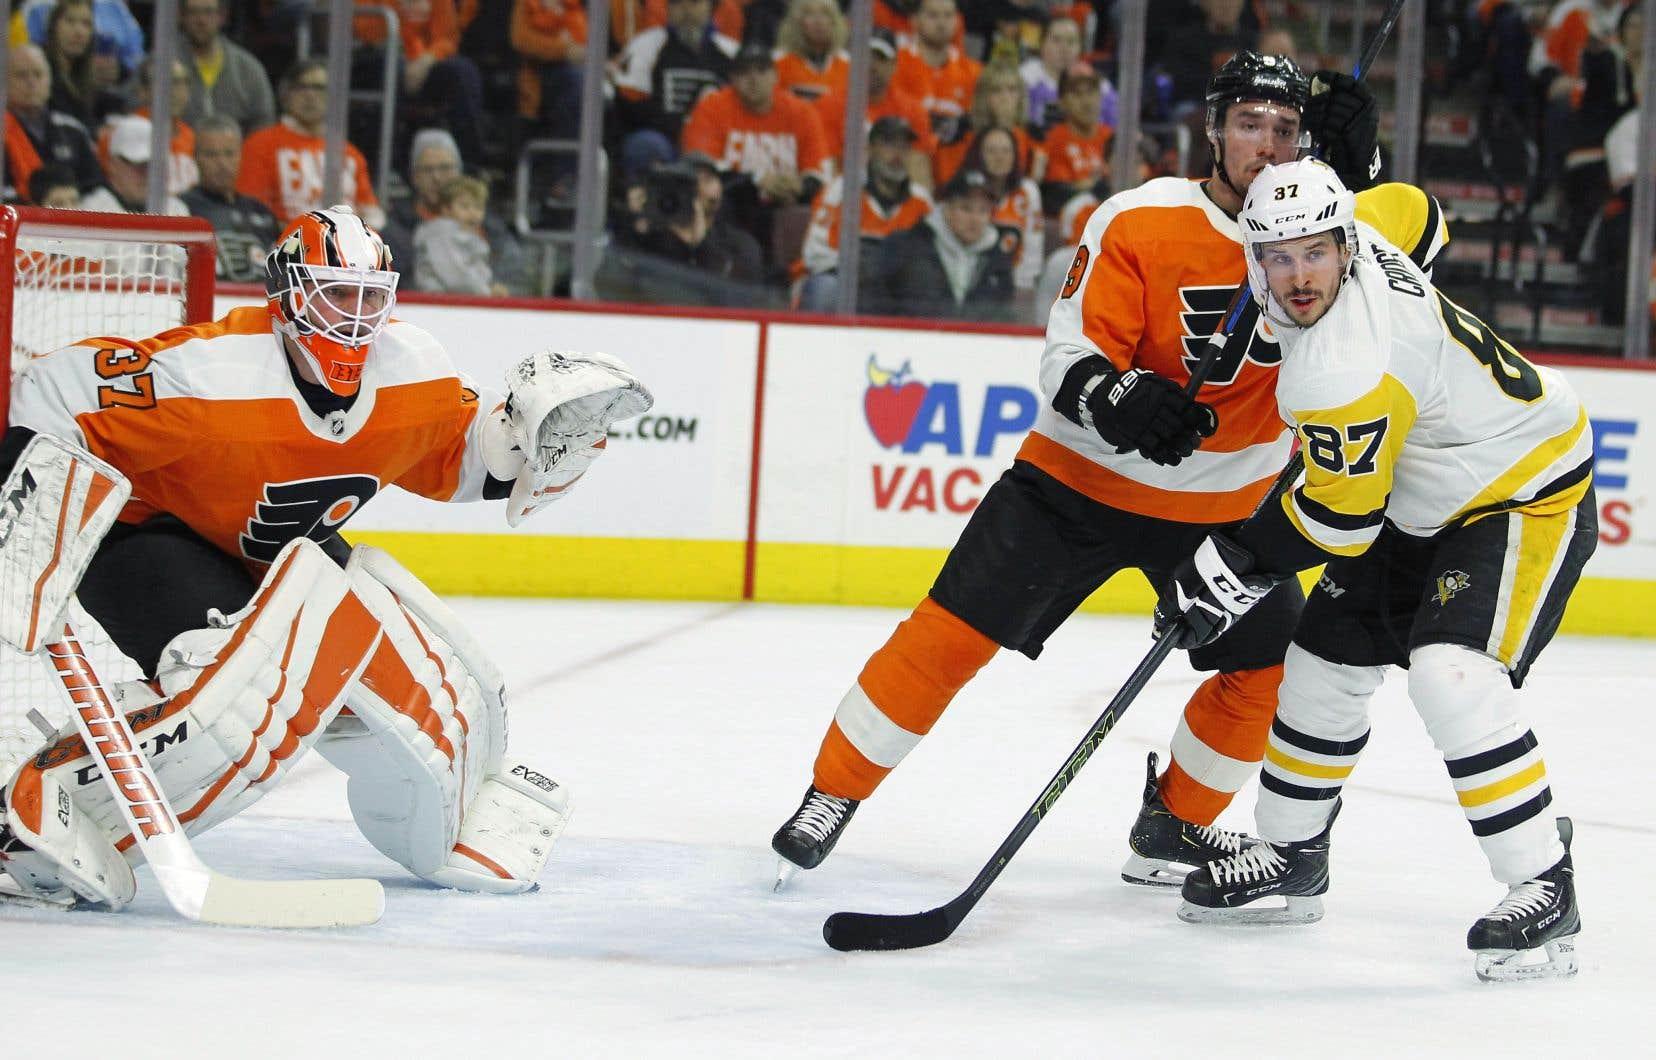 Sidney Crosby des Penguins (à droite) attend devant le filet aux côtés de Brian Elliott (à gauche) et Ivan Povorov des Flyers.